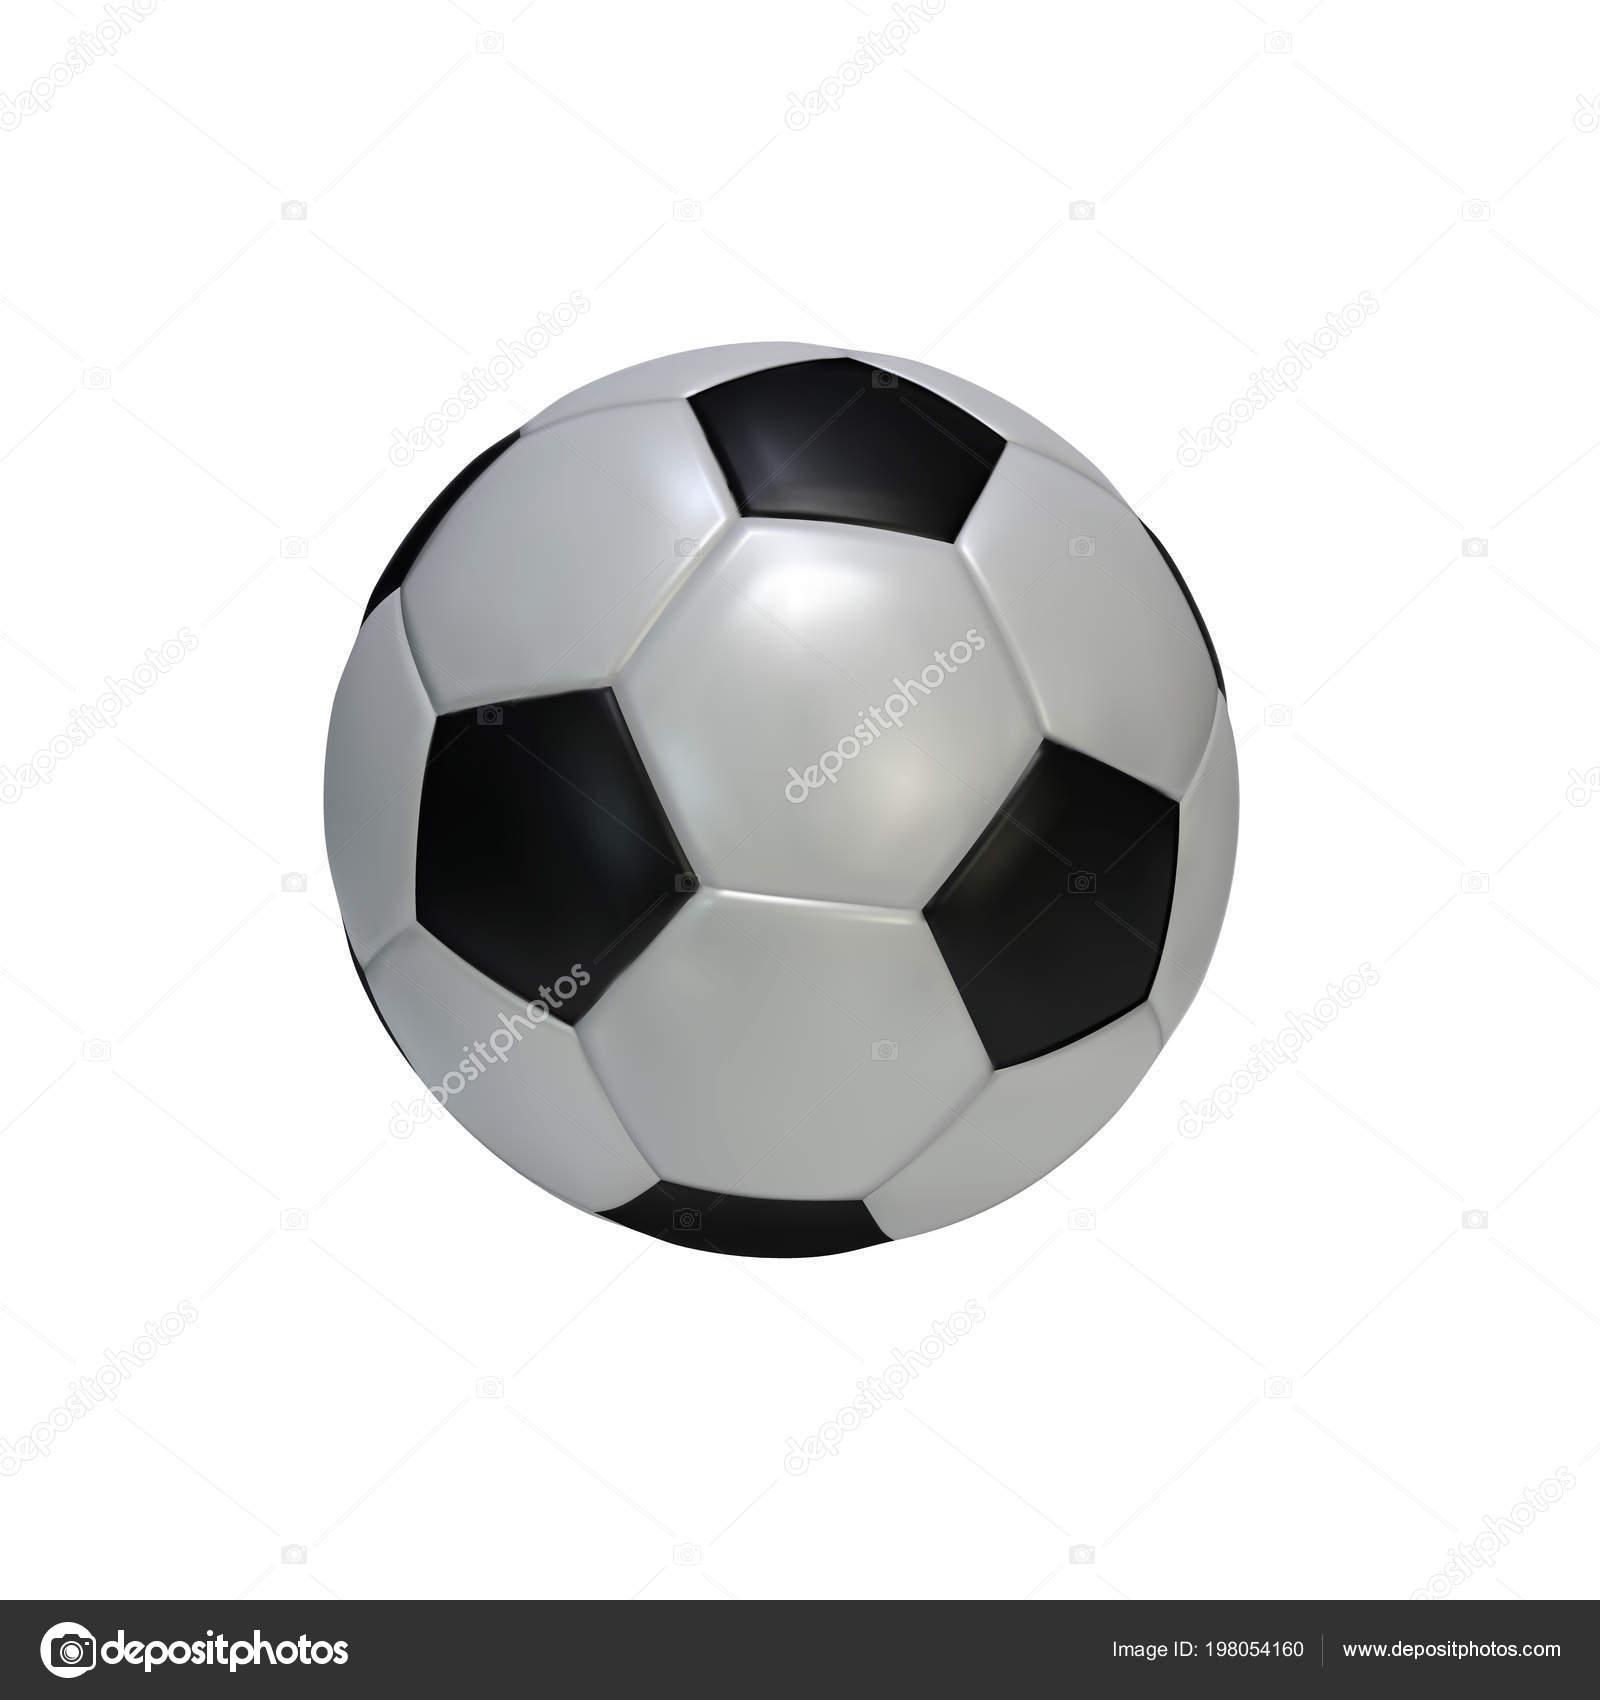 Ρεαλιστικό ποδόσφαιρο μπάλα που απομονώνονται σε λευκό φόντο. Μαύρο και  άσπρο κλασική δερμάτινη μπάλα ποδοσφαίρου. Εικονογράφηση διάνυσμα —  Διάνυσμα με ... 577872b6b5d